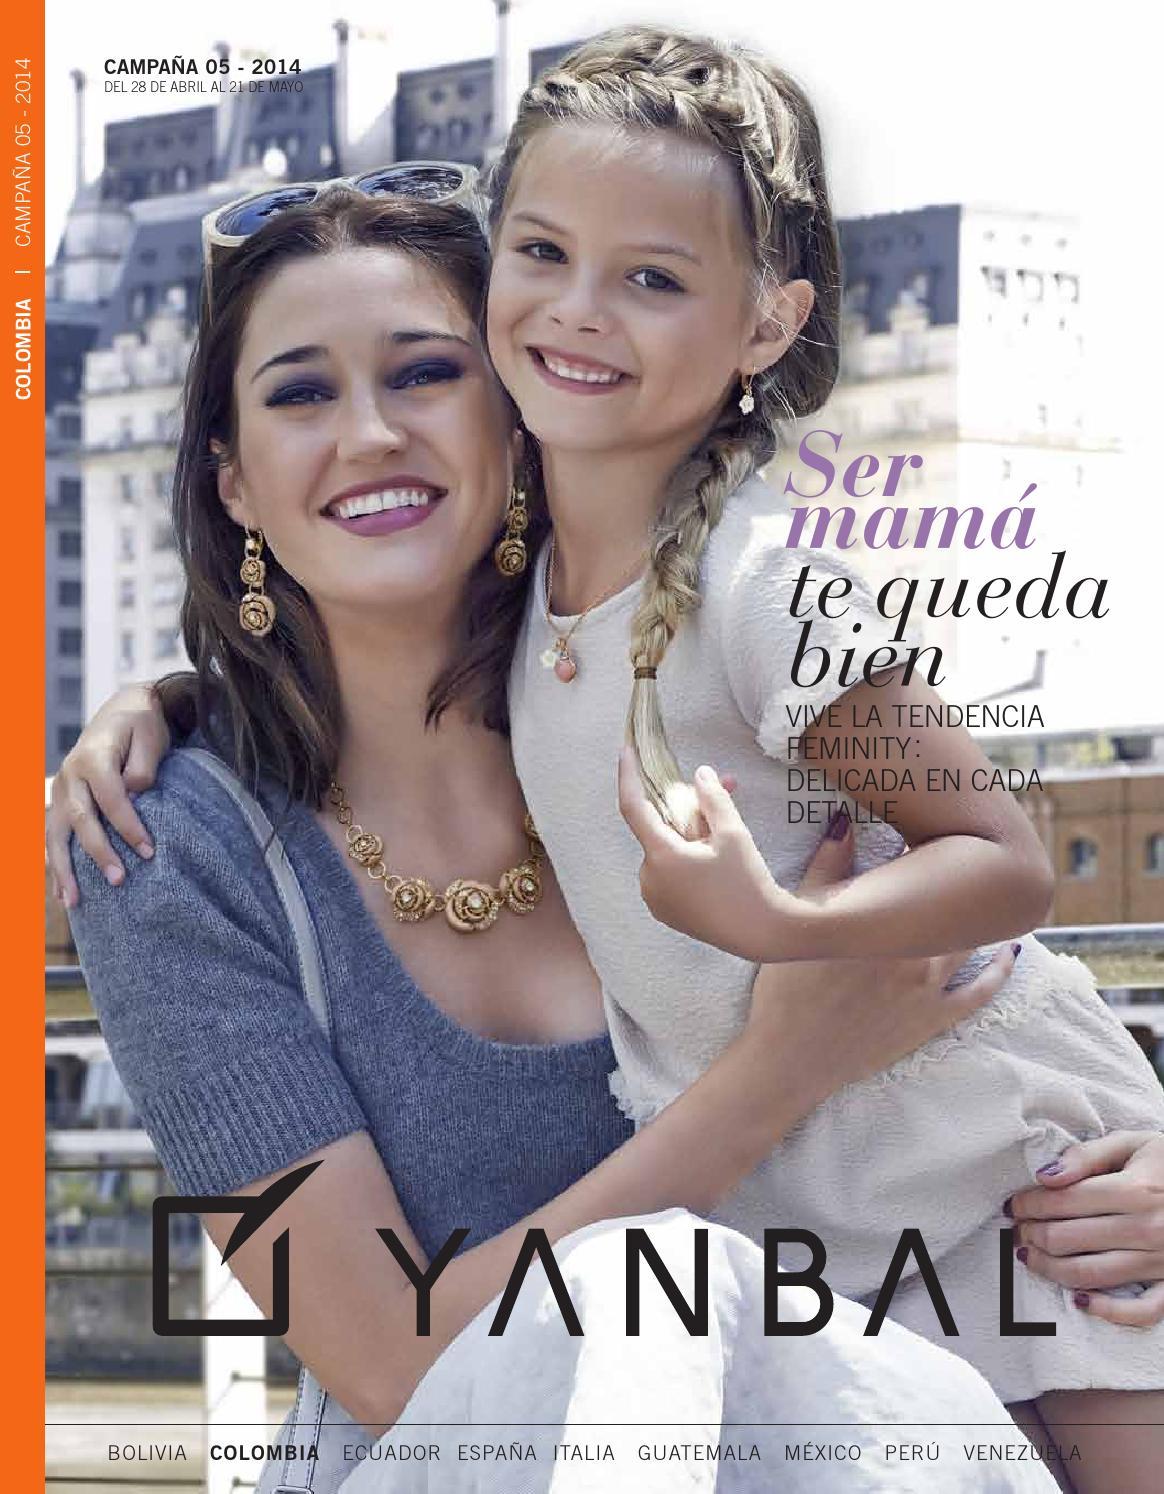 db483aa9dd15 Yanbal catalogo campaña 5 mayo de 2014 by Ventas por Catálogo - issuu